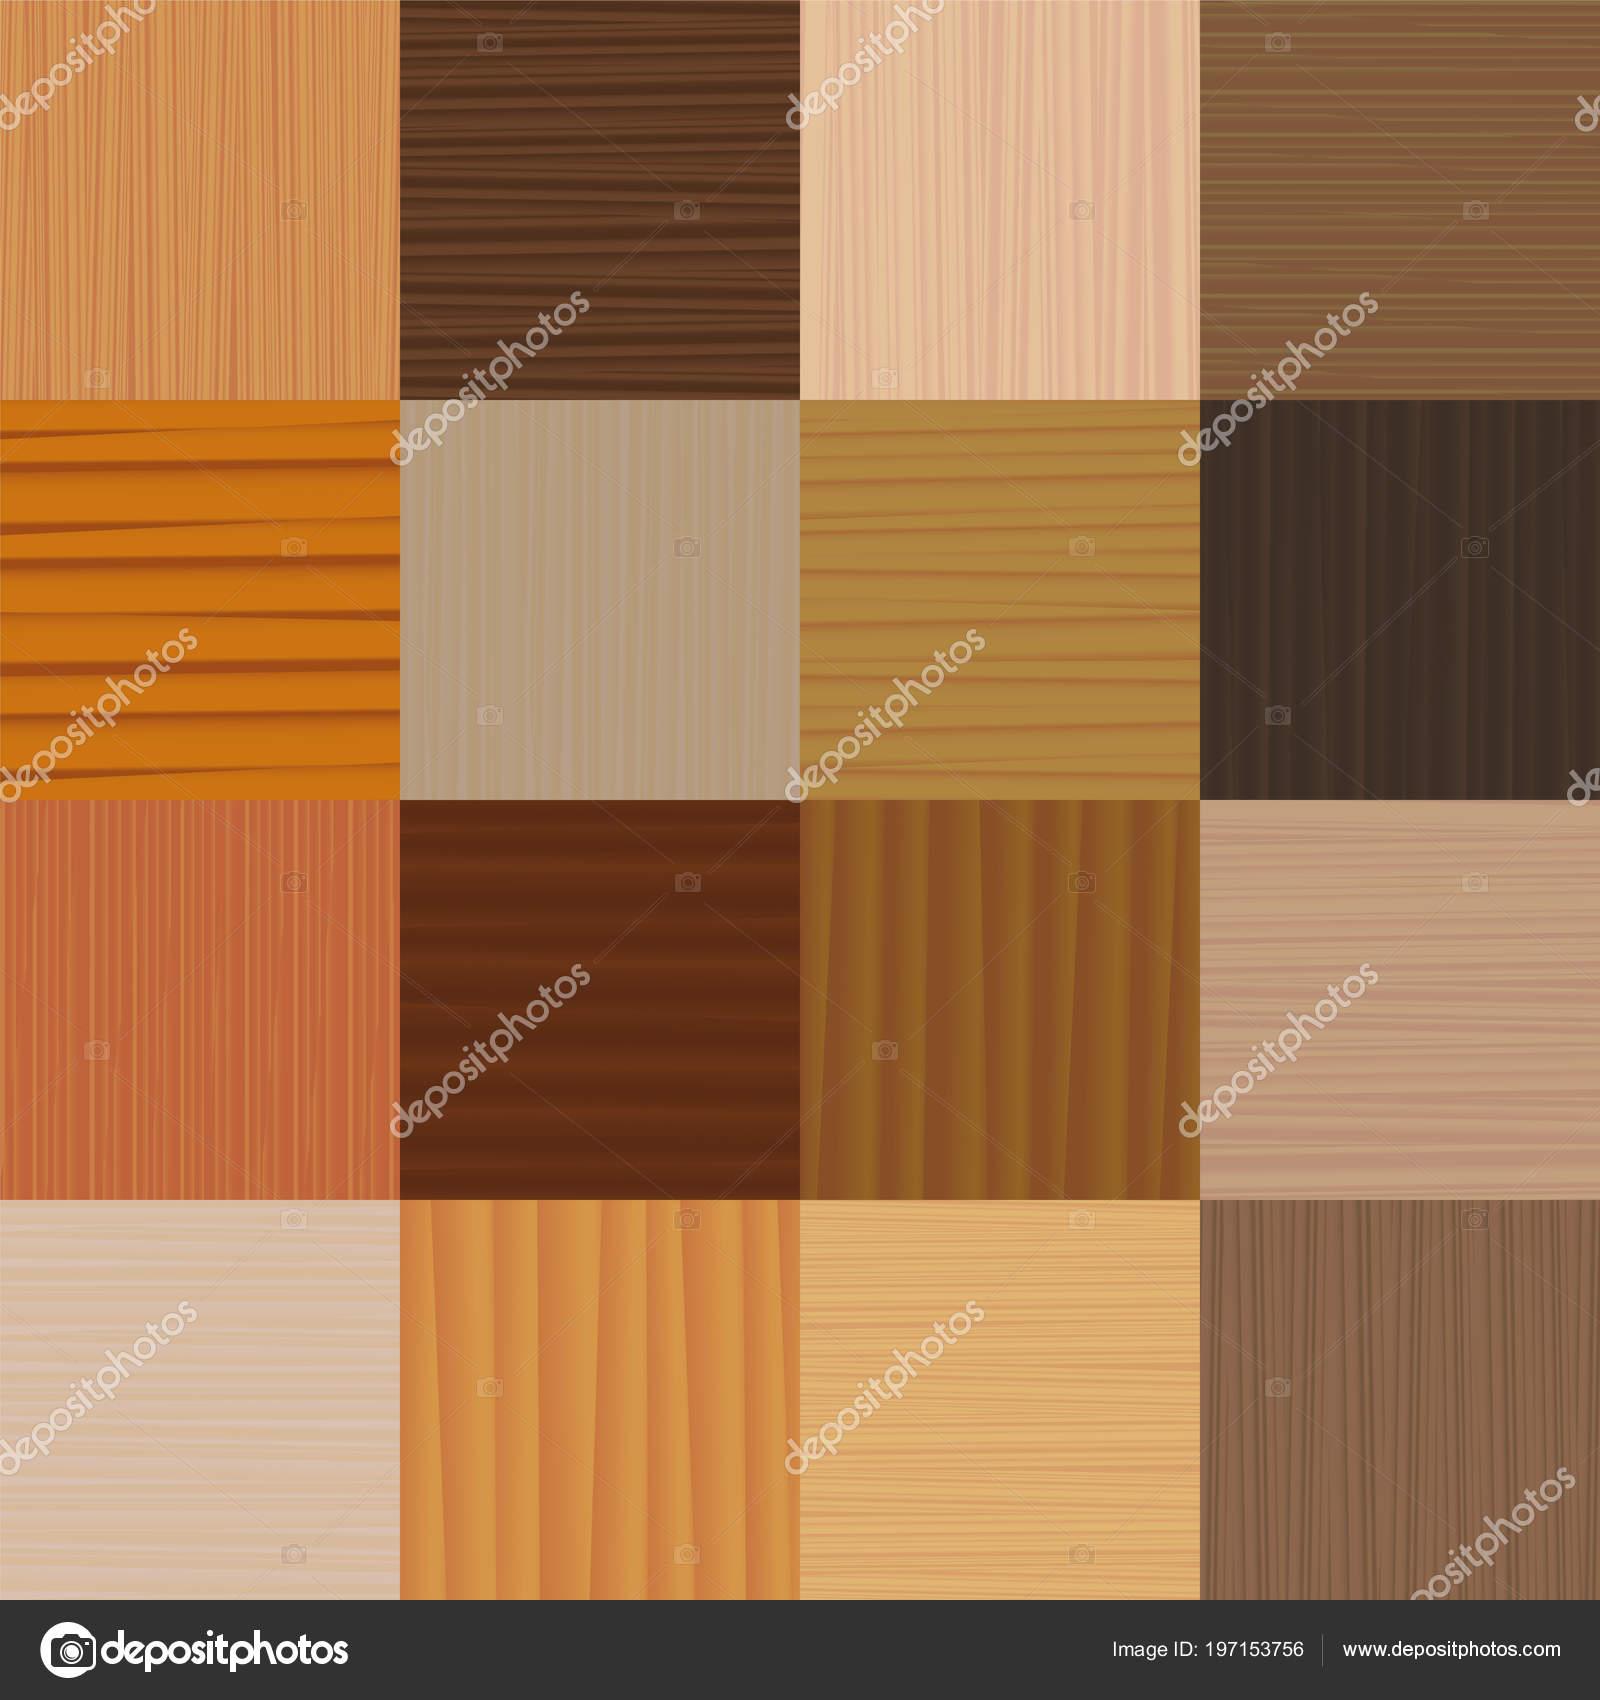 Parkettboden Verschiedene Arten Von Holz Glasuren Texturen Muster Vektor  Illustration U2014 Stockvektor